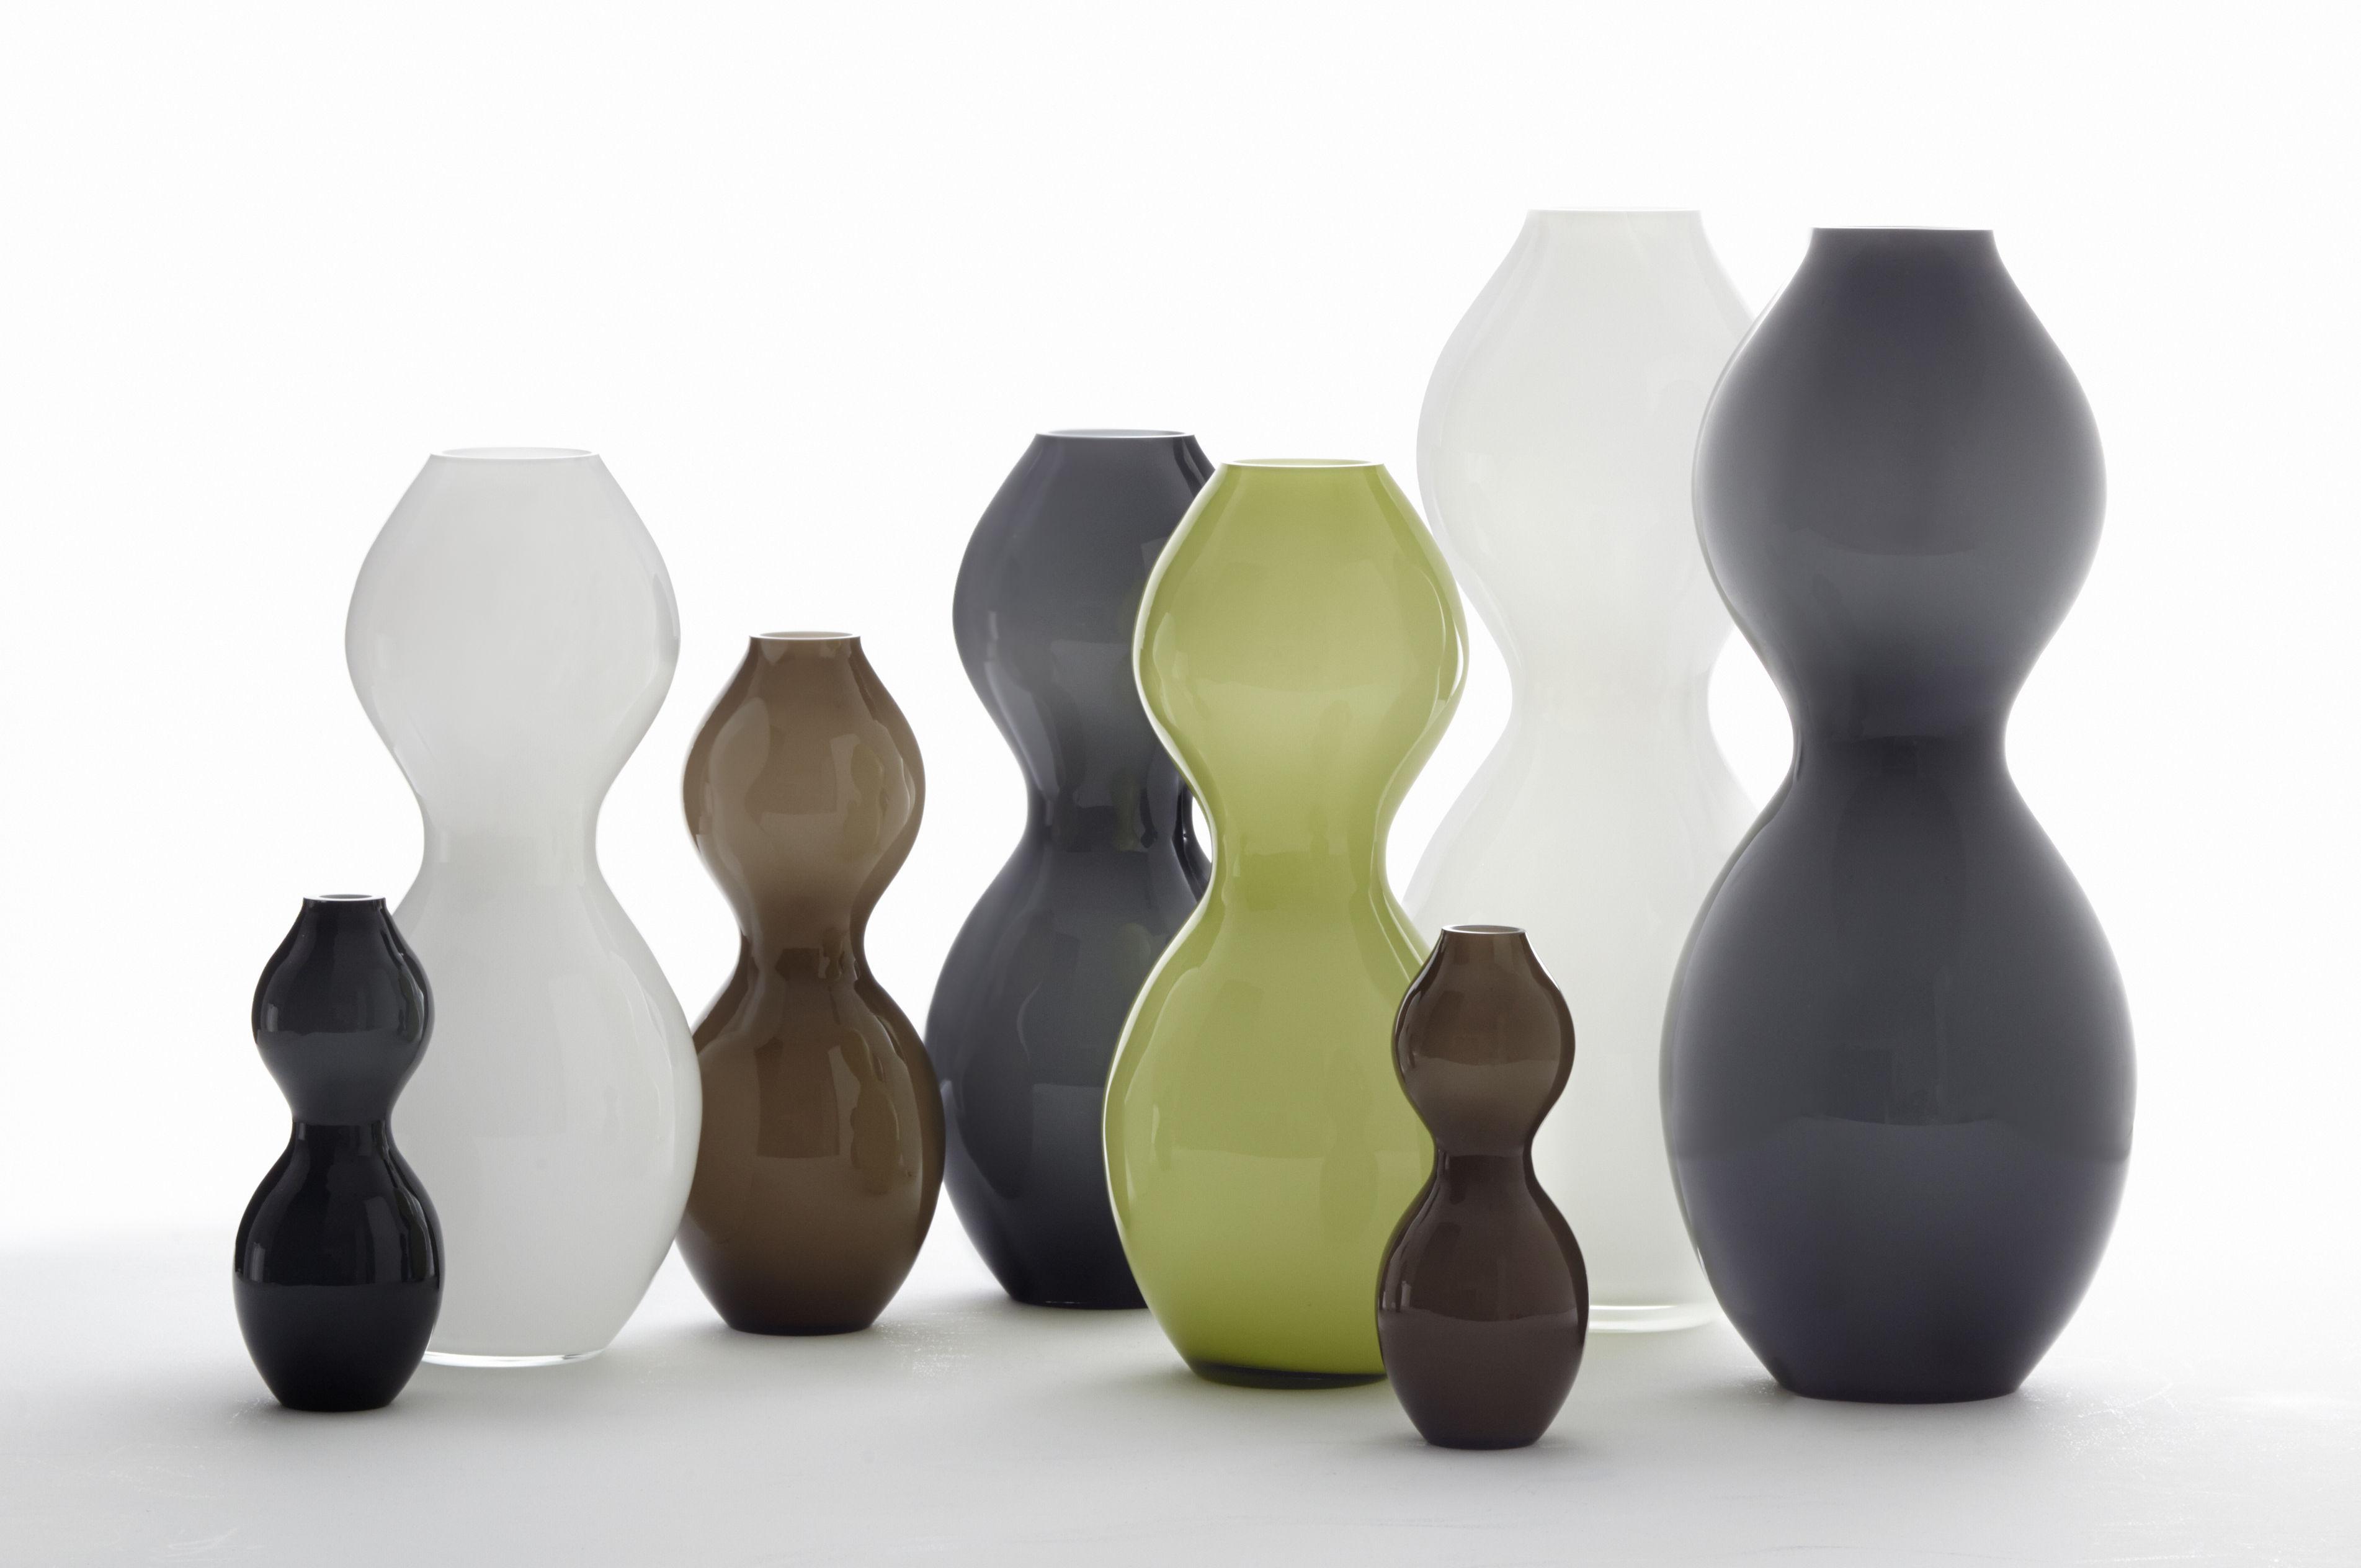 coco vase grey by leonardo. Black Bedroom Furniture Sets. Home Design Ideas